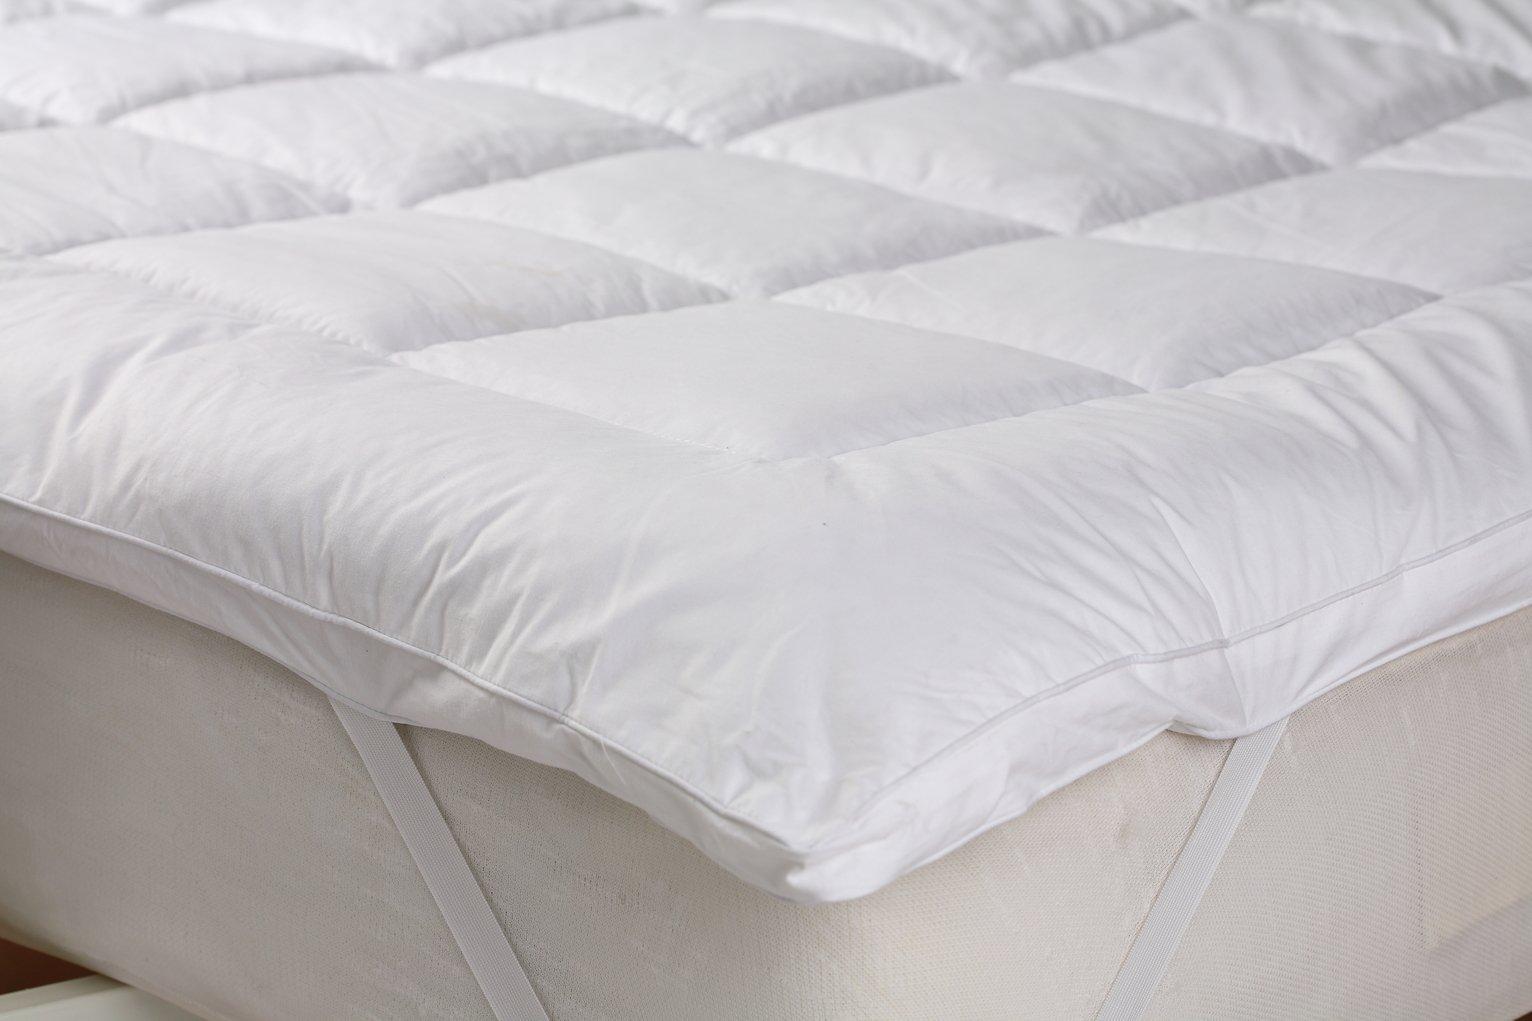 downland feels like down mattress topper kingsize